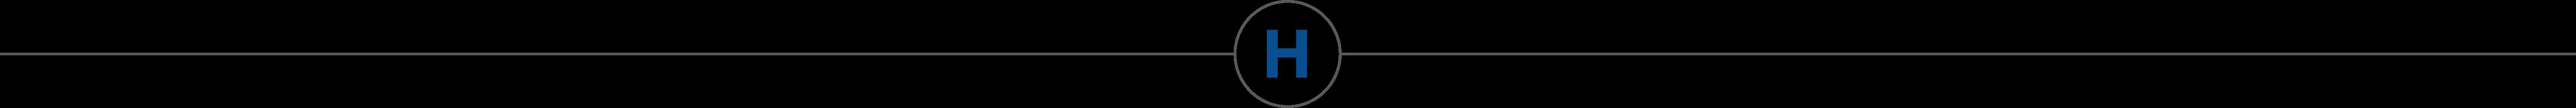 https://hoek-elektrotechniek.nl/wp-content/uploads/2015/02/Logo-divider-1-4750x199.png